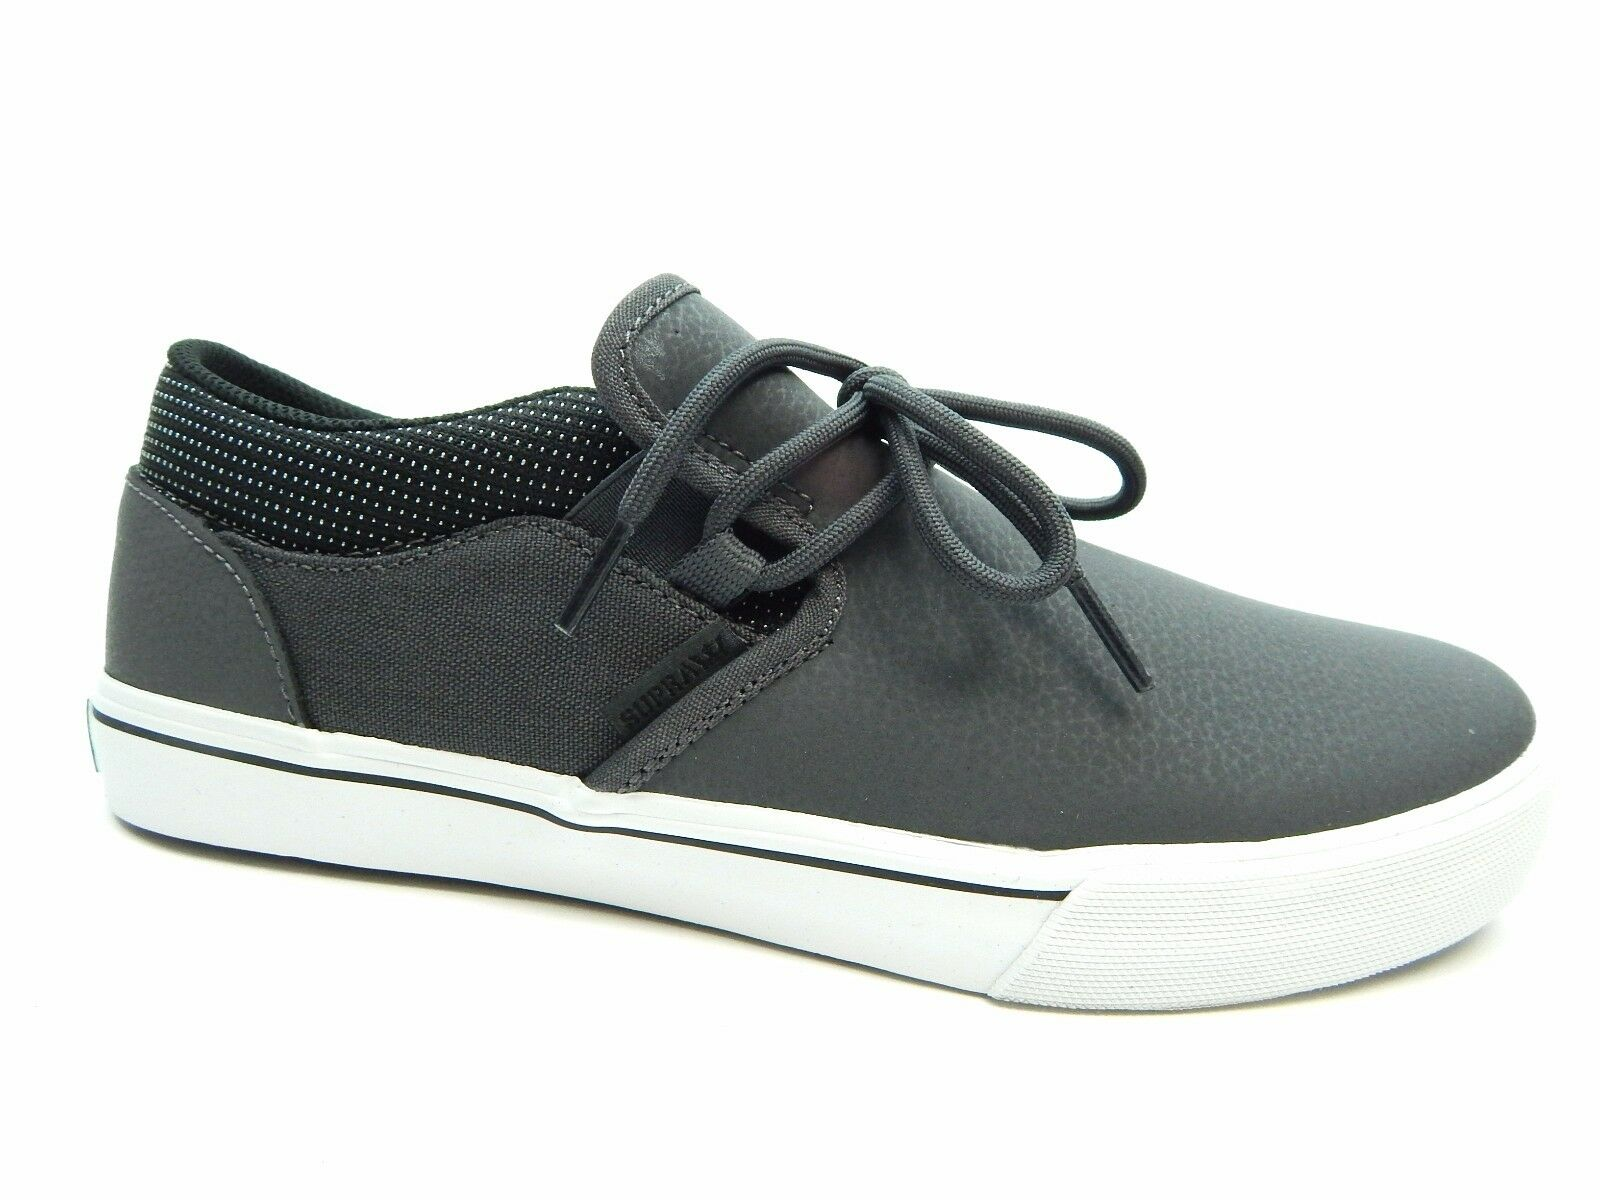 confortevole SUPRA CUBA grigio grigio grigio nero bianca Uomo scarpe  profitto zero